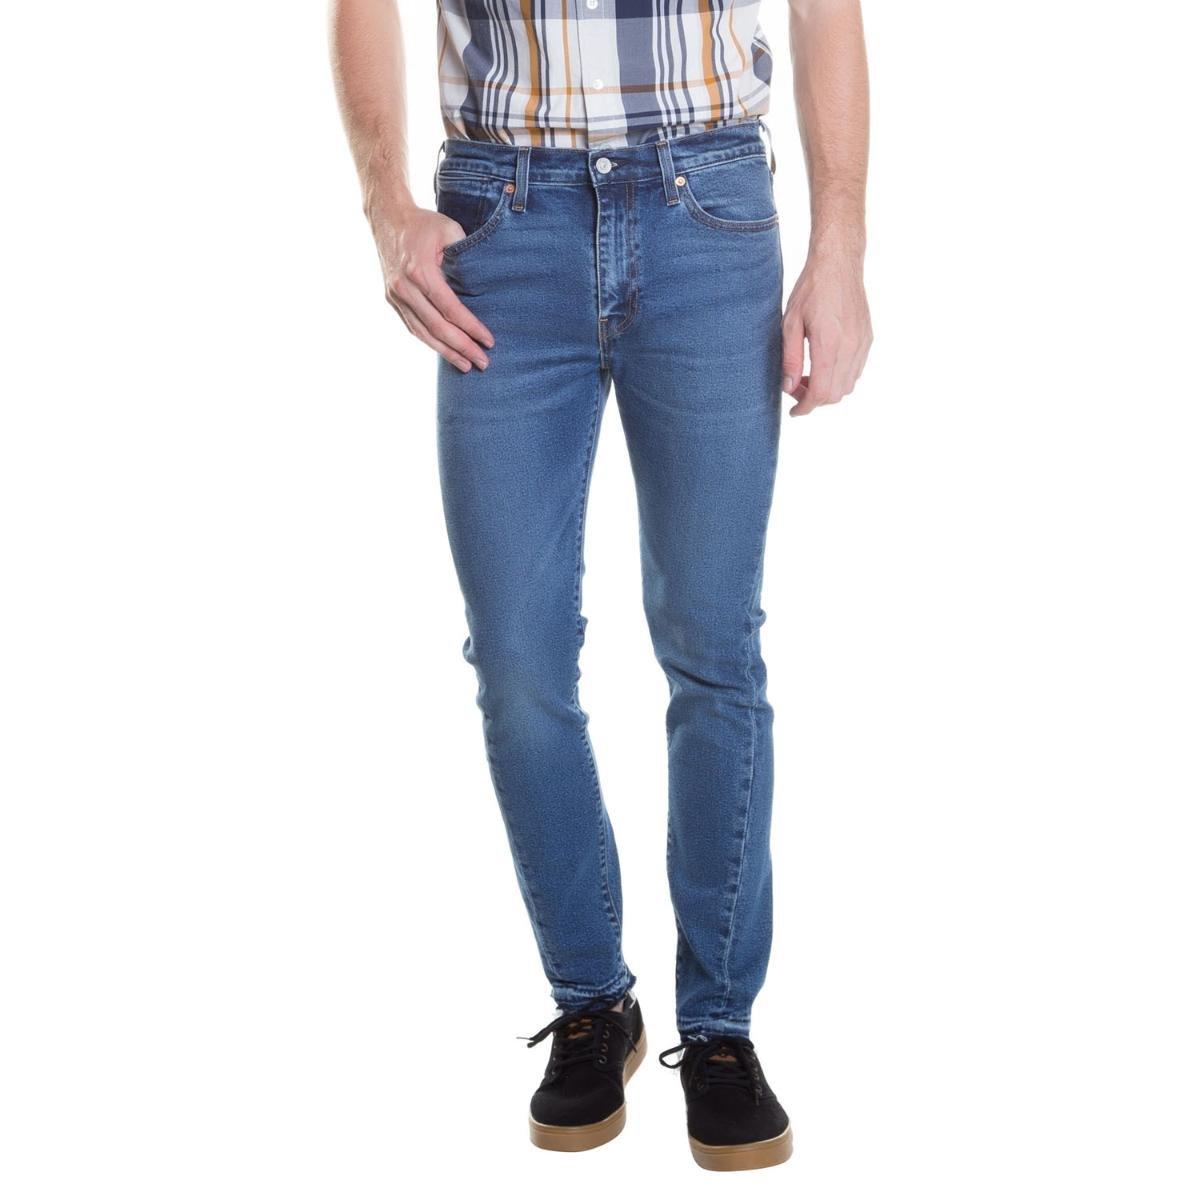 d176c4cac3fca Calça Jeans 510 Skinny Altered Levis - Compre Agora